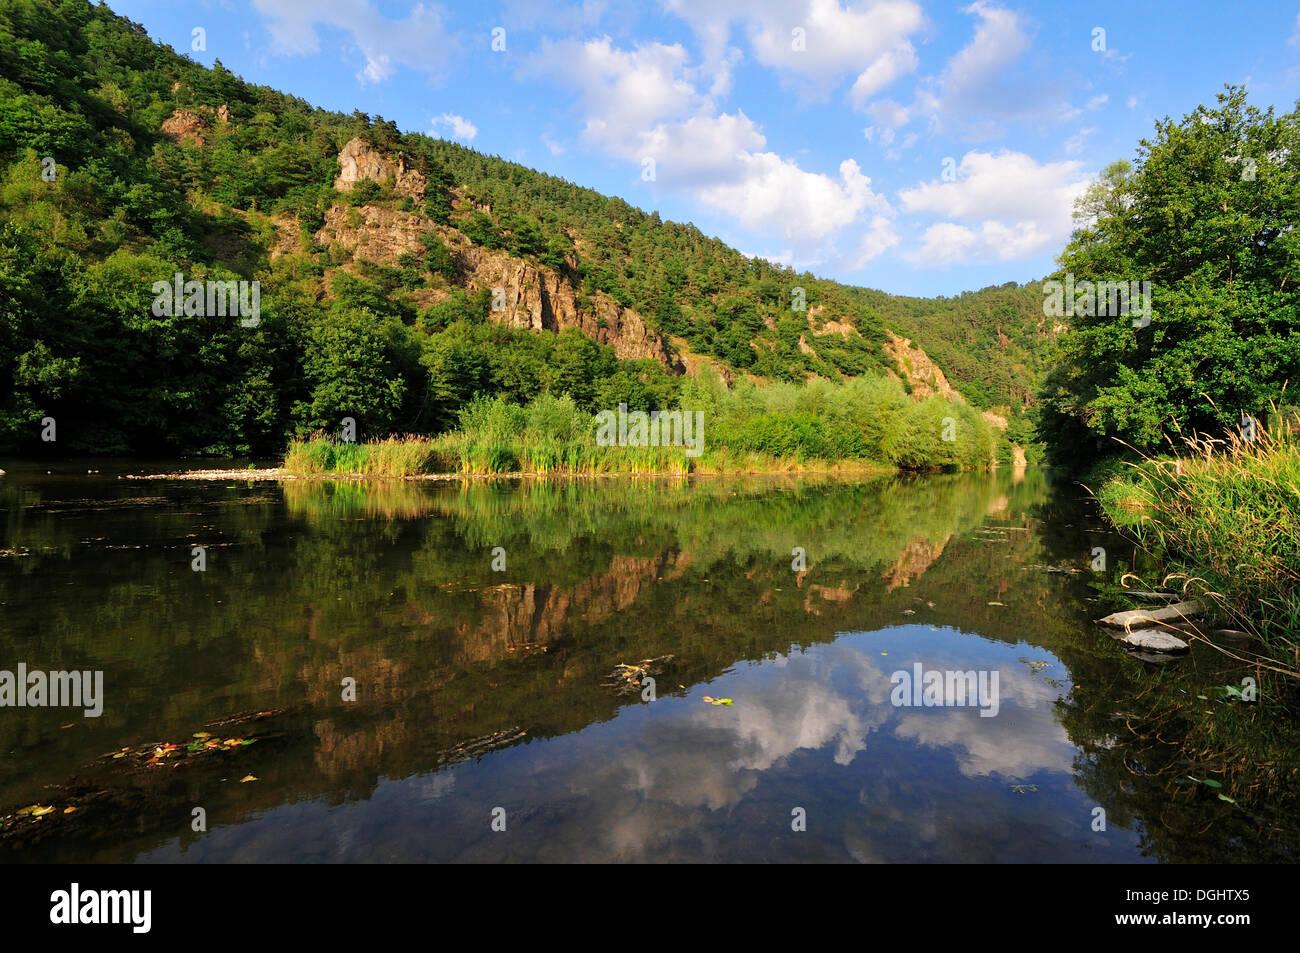 Reflexionen in den ruhigen Gewässern der oberen Loire River, Gorge De La Loire, Haute-Loire-Abteilung, Auvergne, Frankreich Stockbild